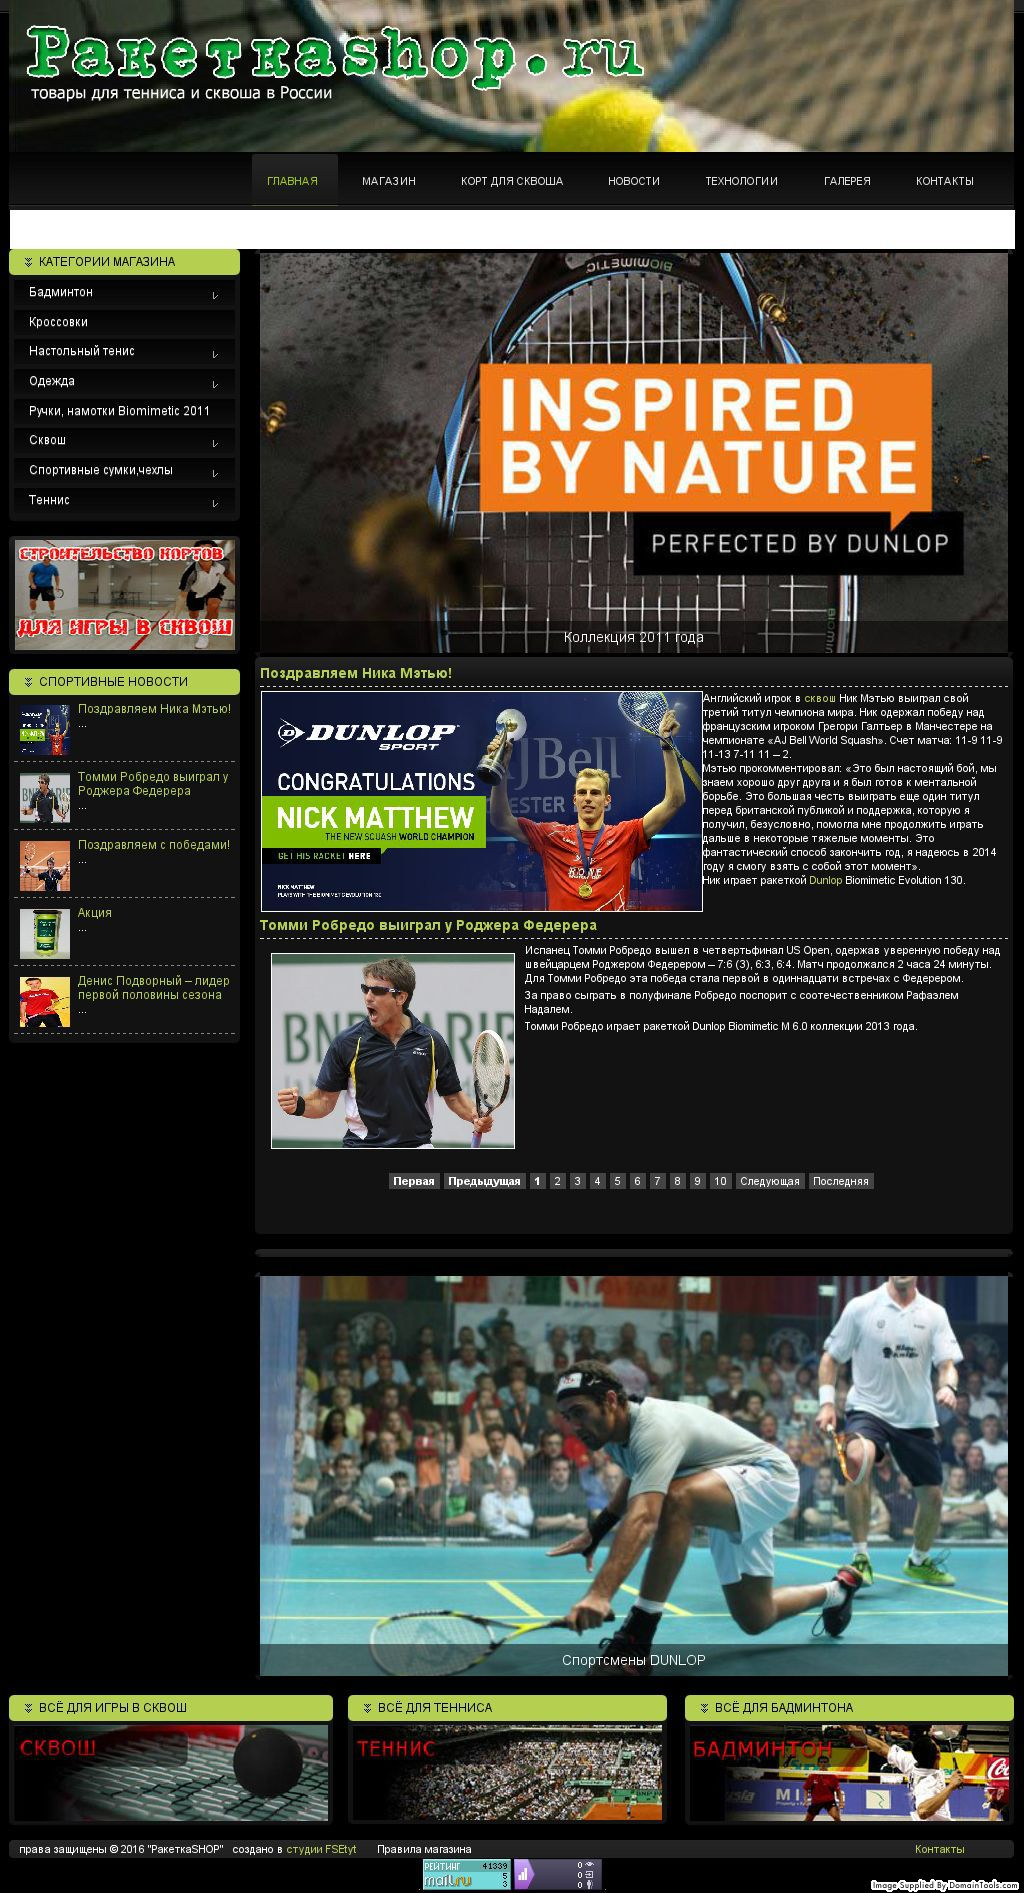 242 Сайт-Магазин компании Спортком в России